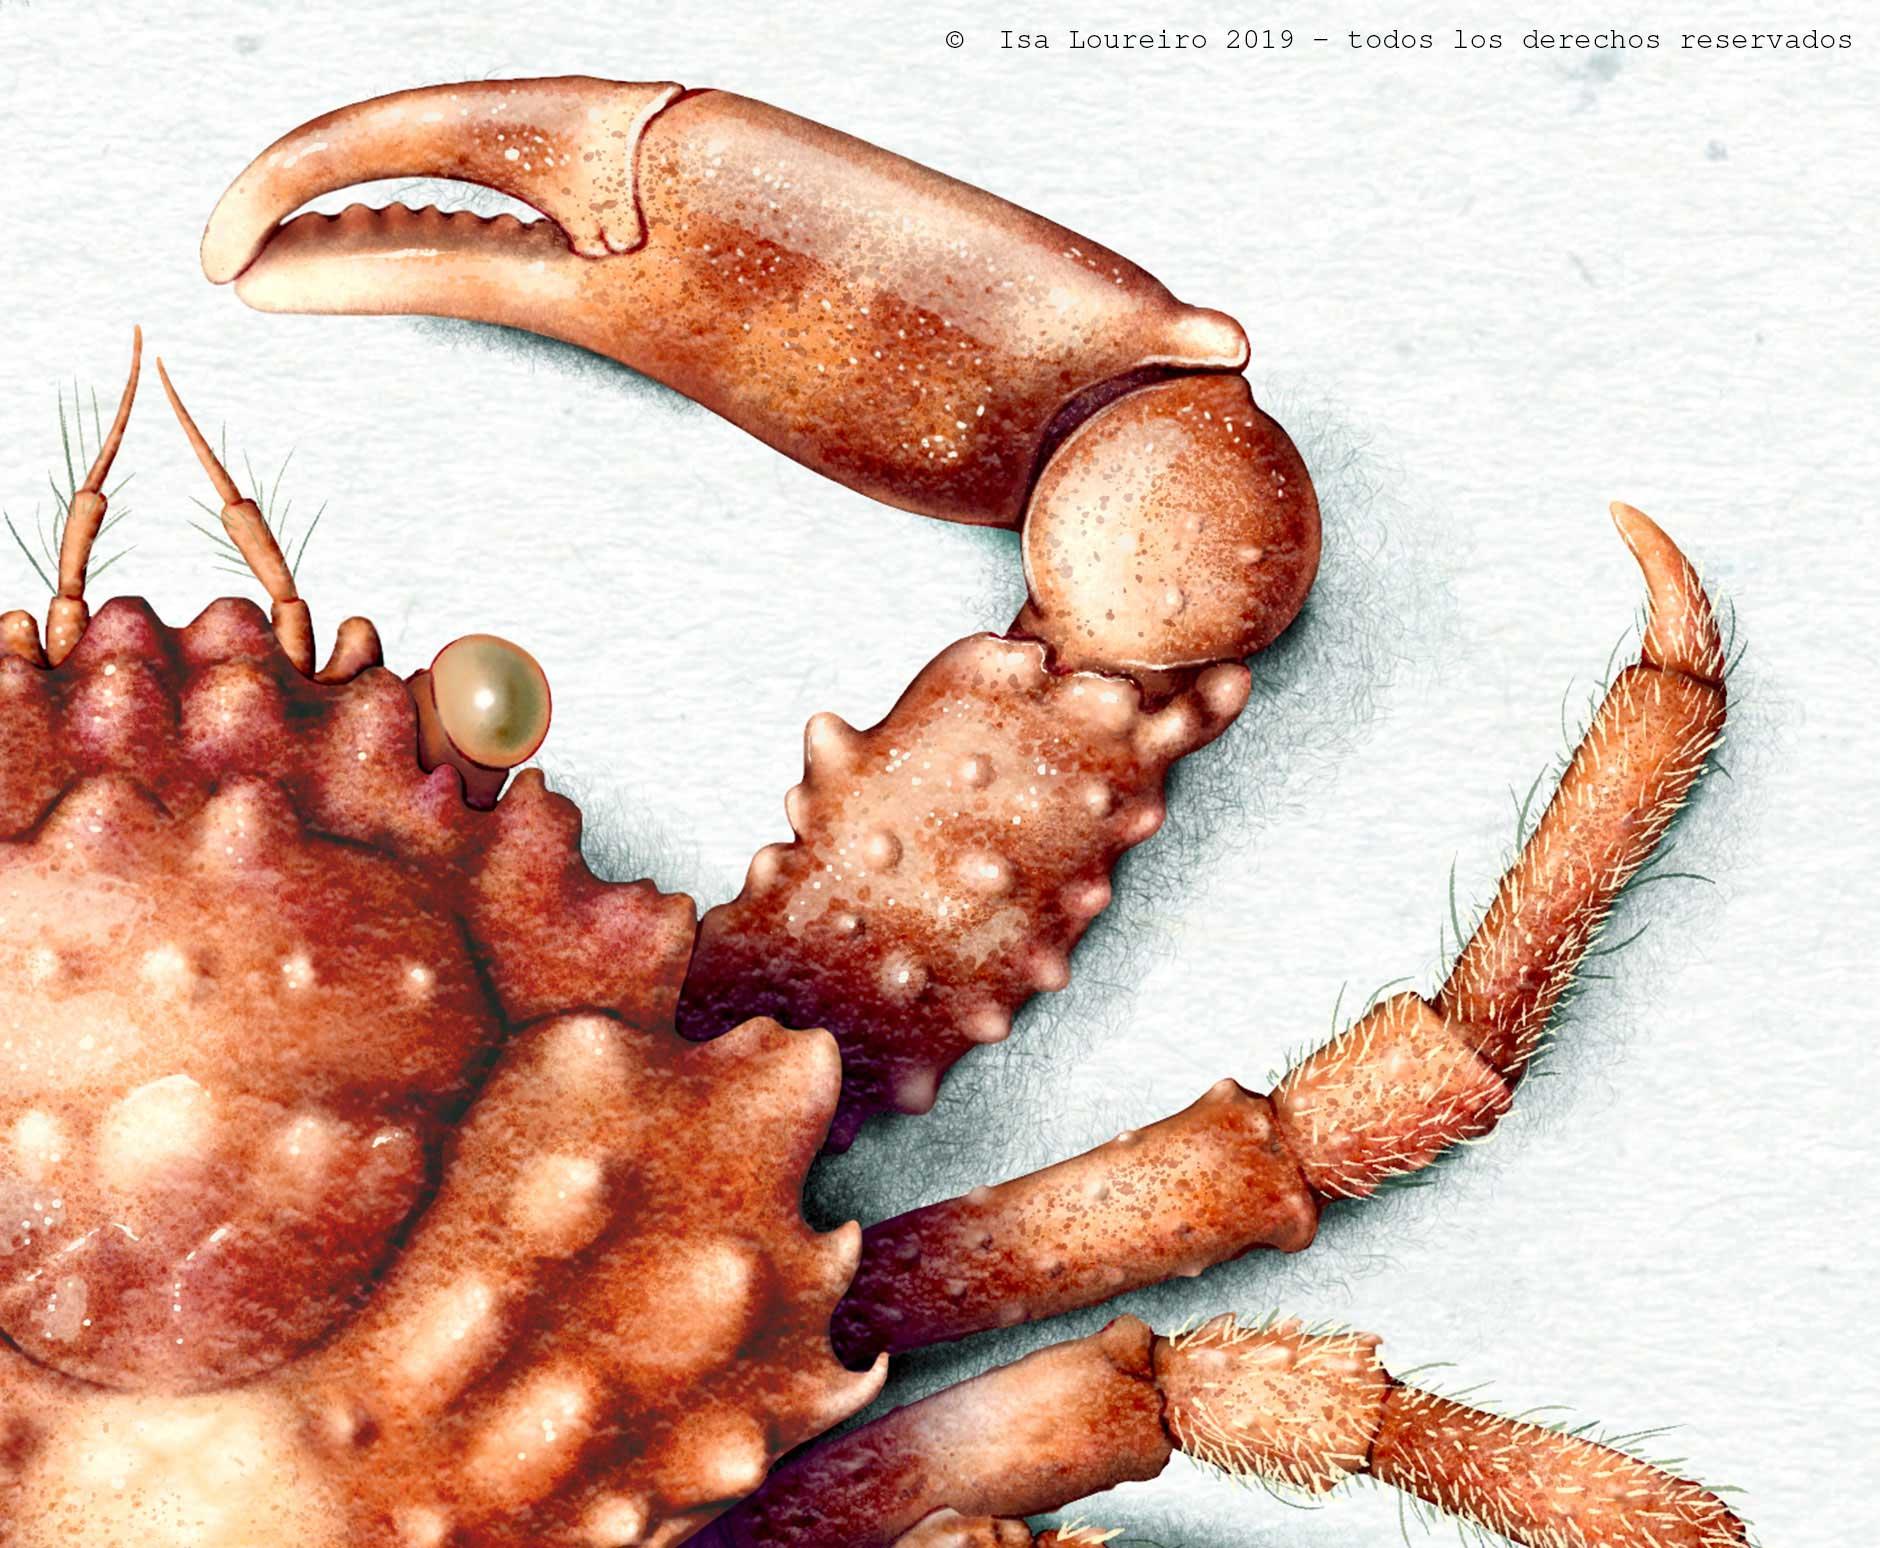 Mithrax_Pleuracanthus_Detail_isa_loureiro